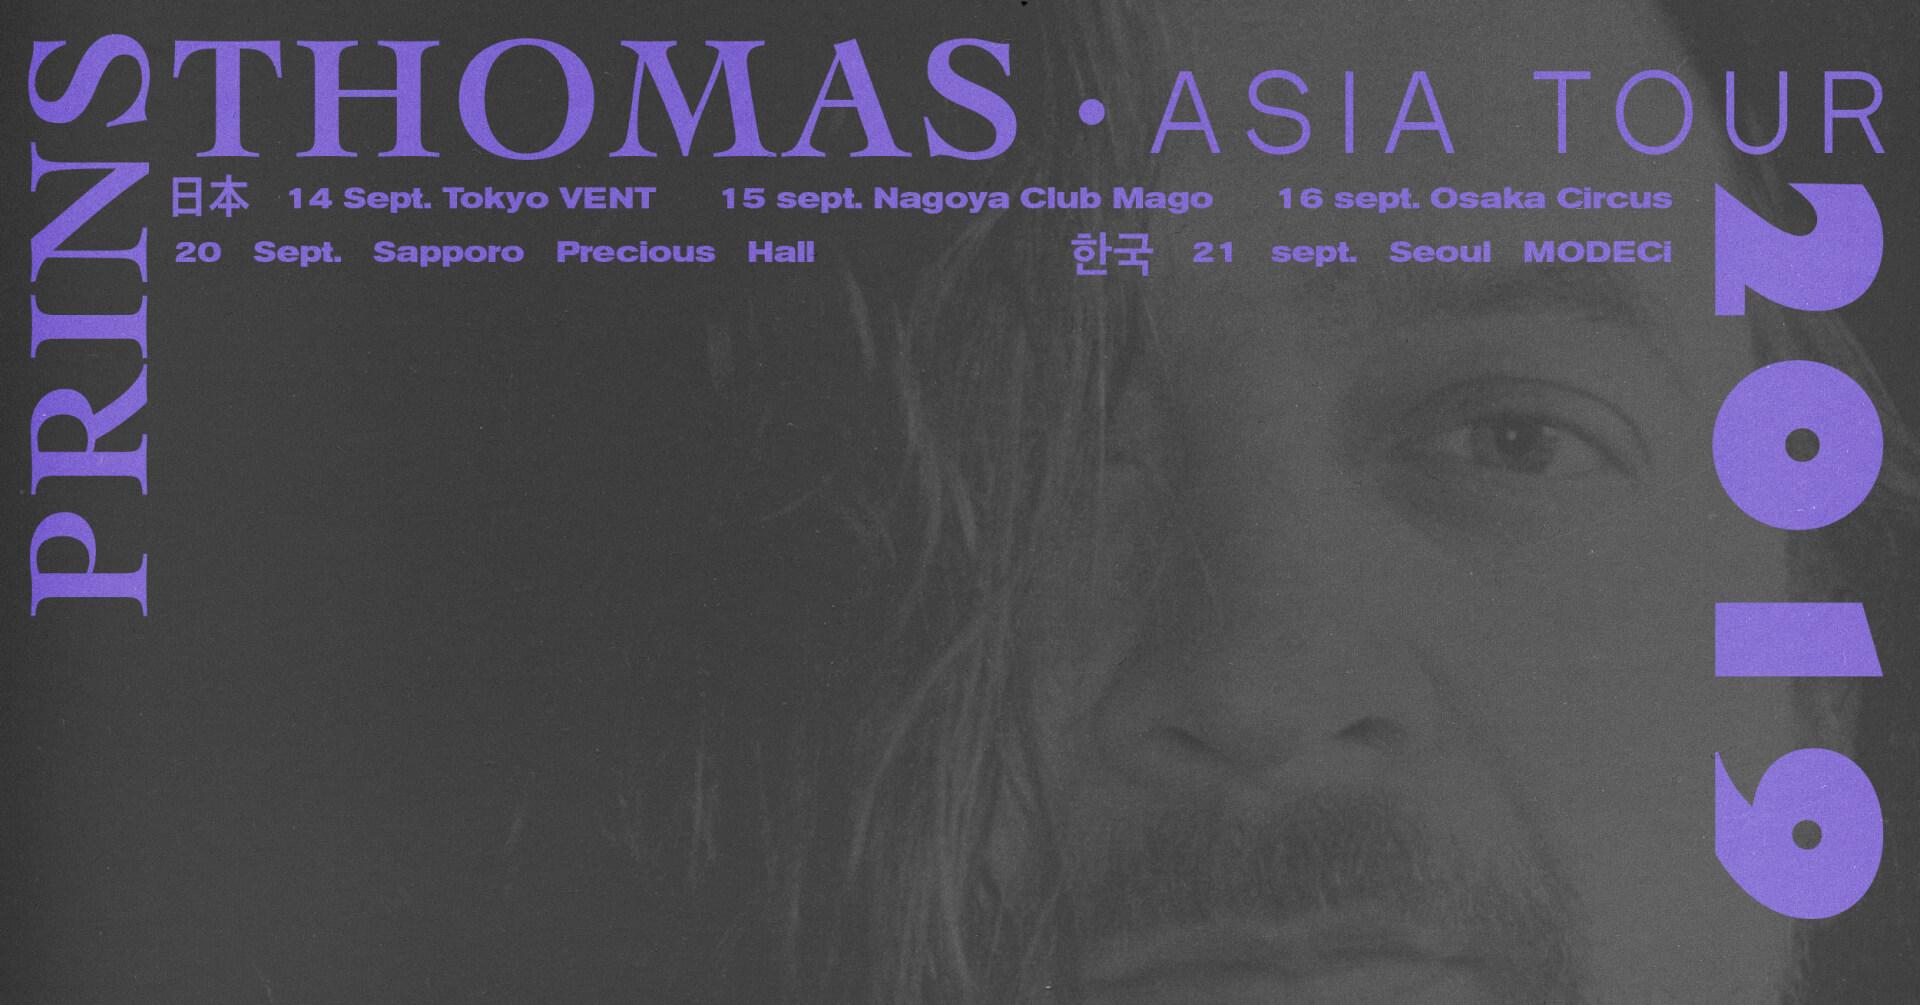 北欧ハウス/ニューディスコの雄・Prins Thomasのアジアツアーが決定! music190826_prinsthomas_6